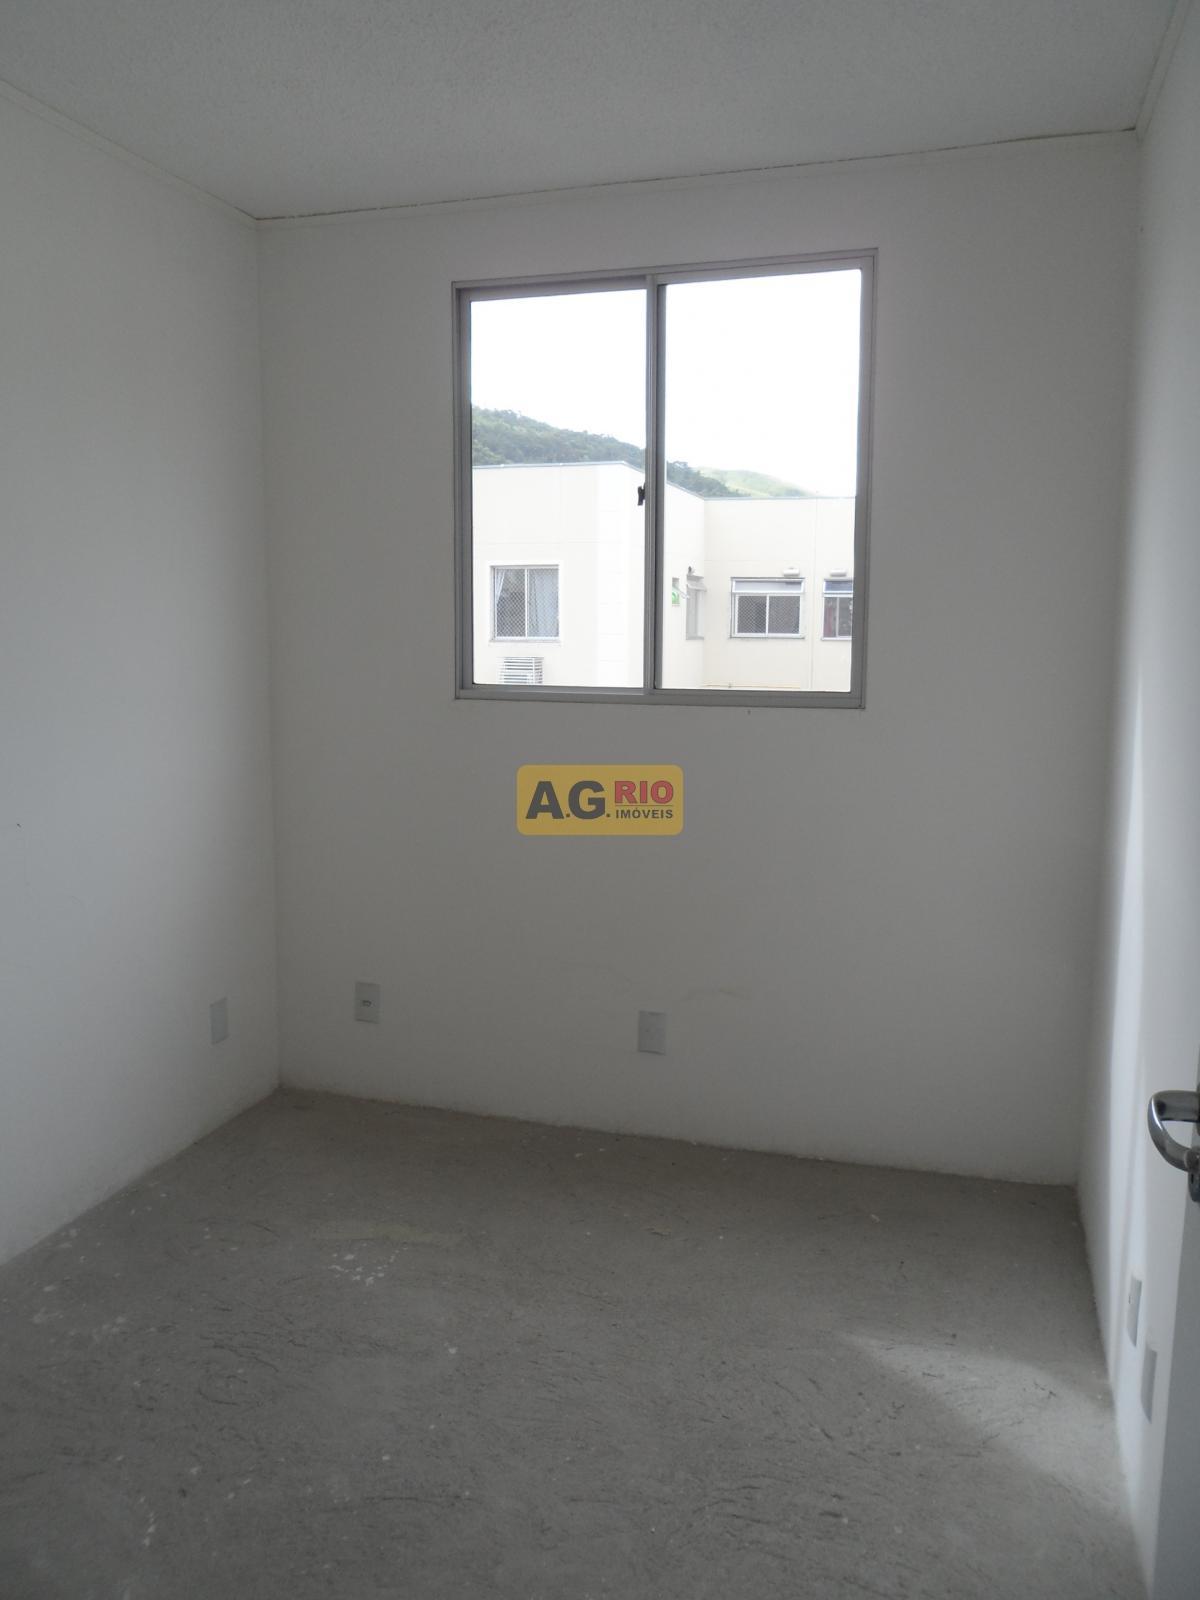 FOTO3 - Apartamento Para Alugar - Rio de Janeiro - RJ - Taquara - TQ05066 - 4